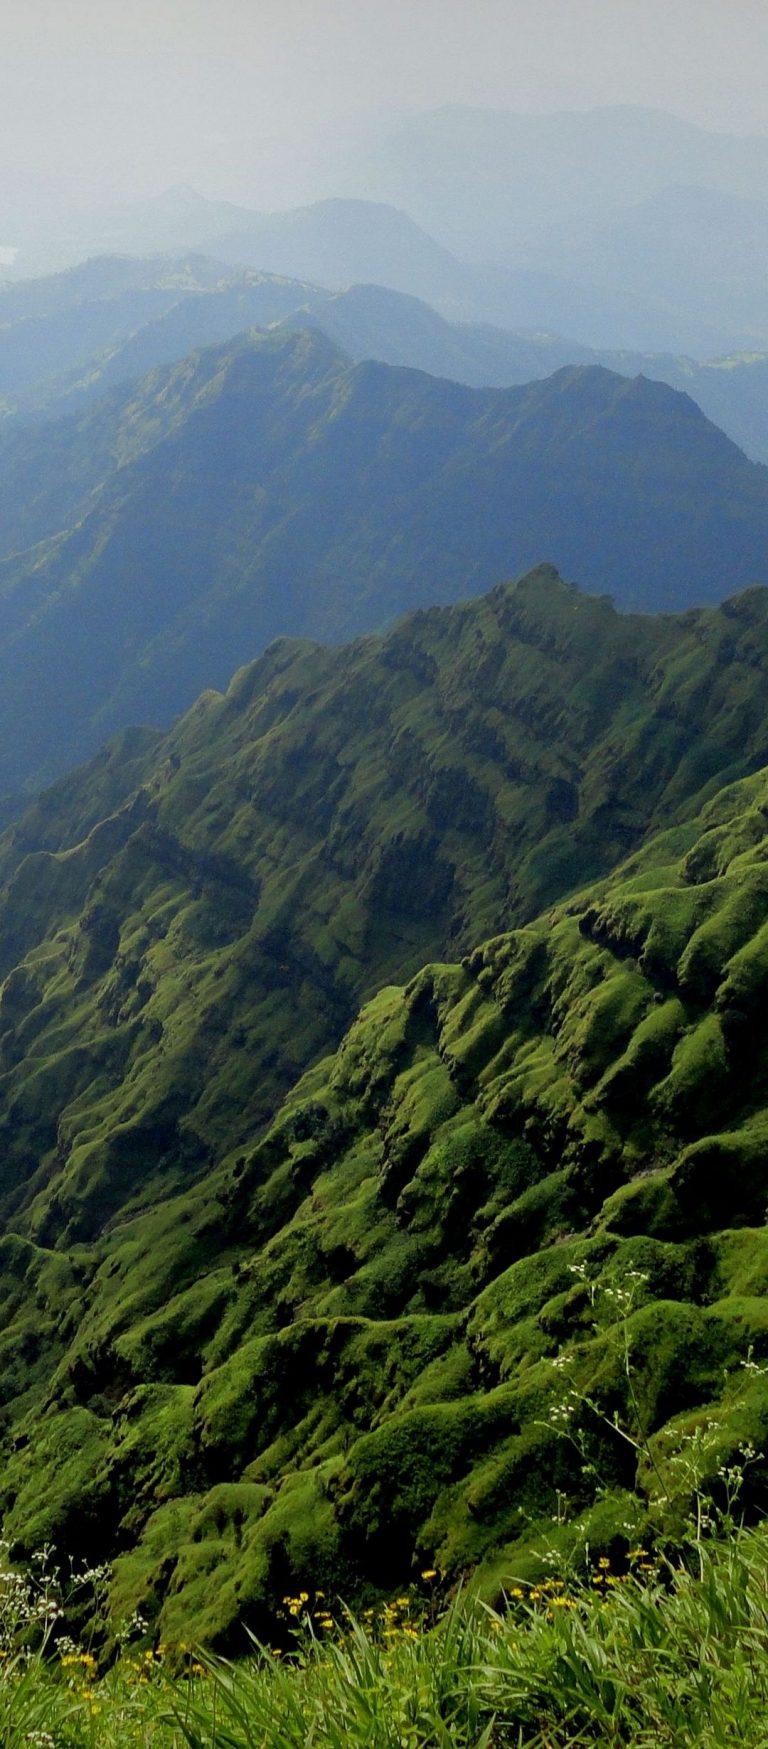 Mountains Fog Landscape 1080x2460 768x1749